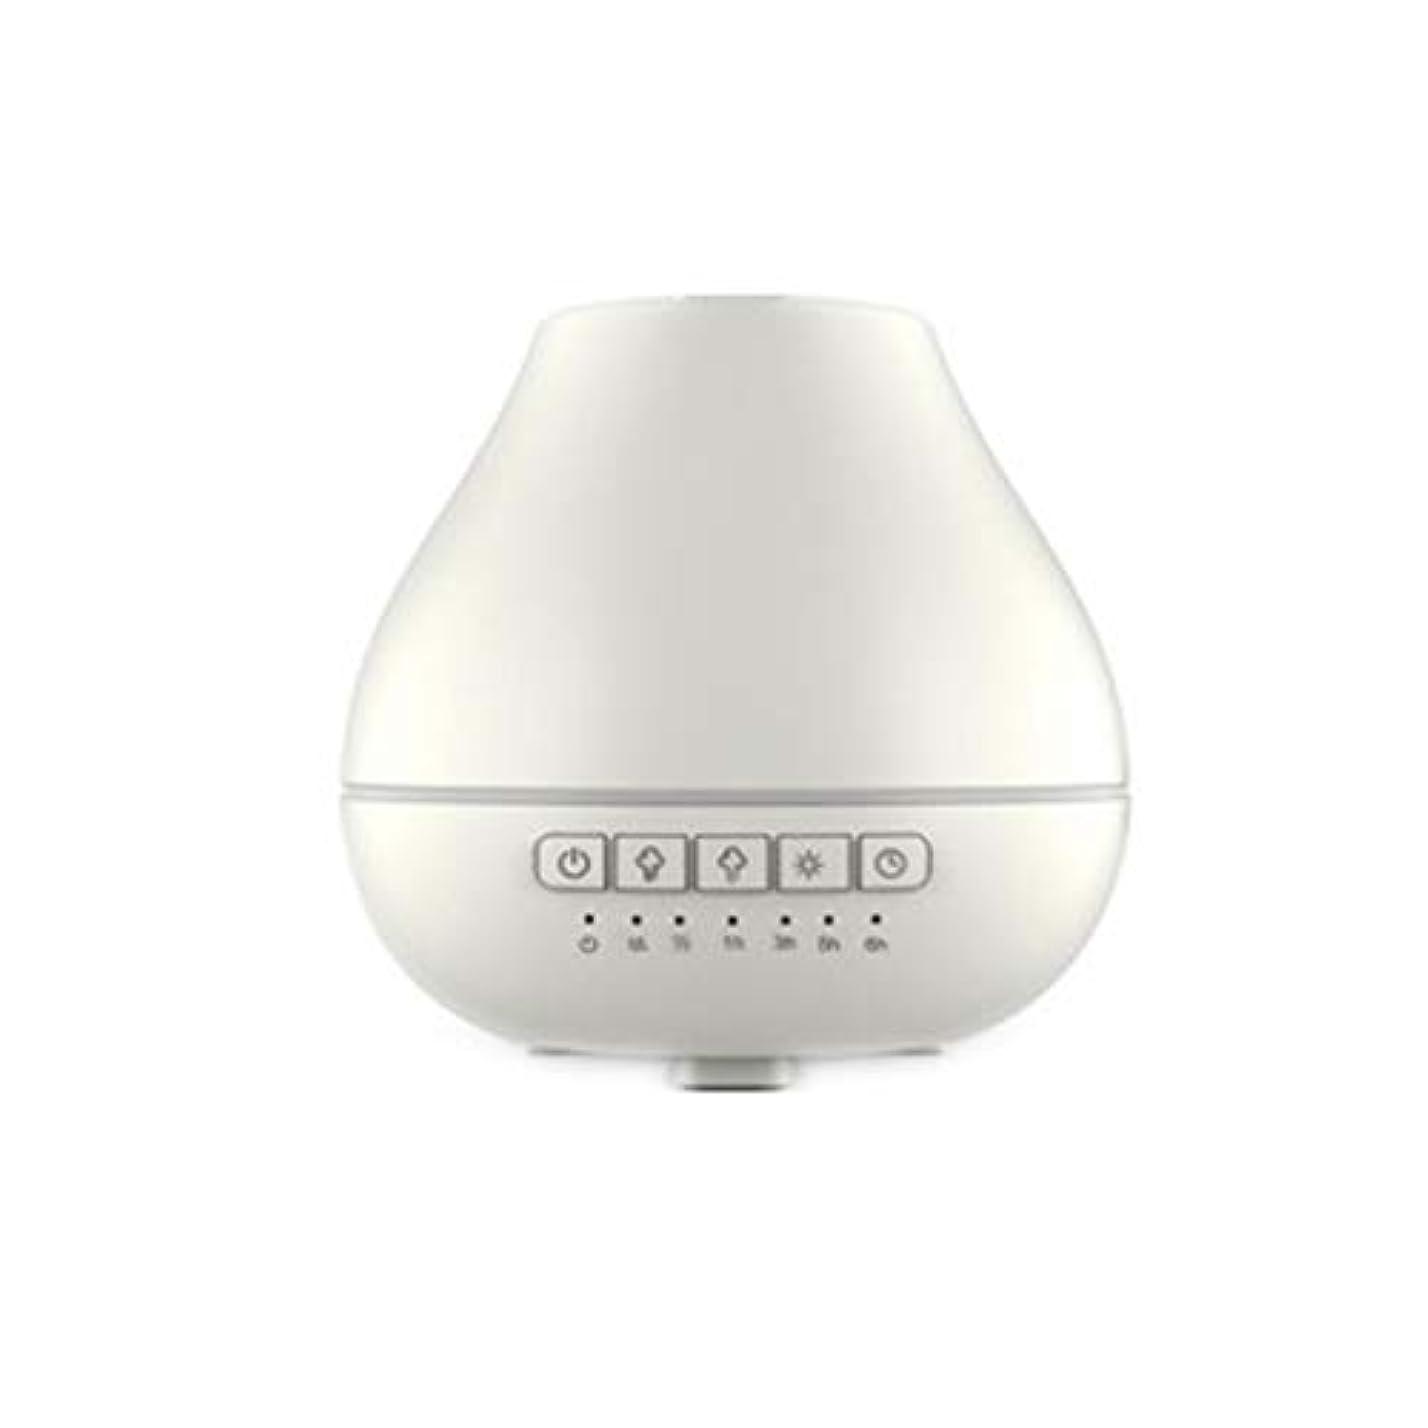 ズームインするピンチ正直色LEDライトが付いている200ml超音波冷たい霧の加湿器は家のヨガのオフィスの鉱泉の寝室の拡散器を変えます (Color : White)